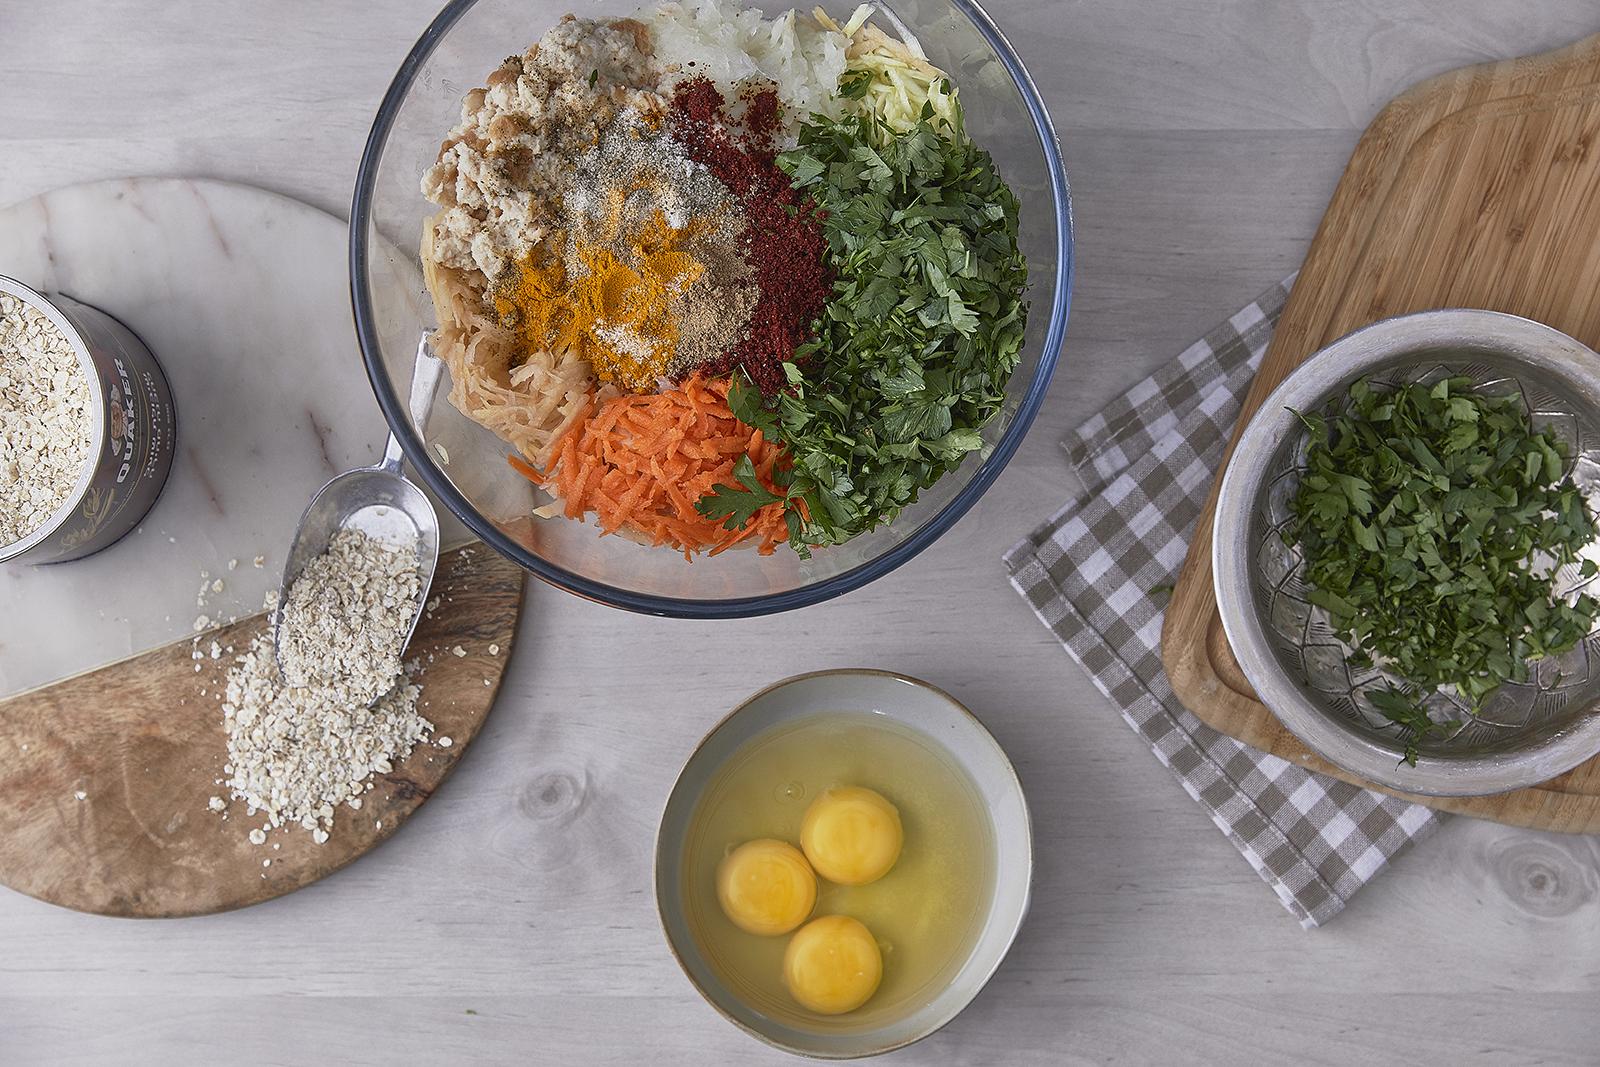 שלב שני - עיג'ה – קציצות ירק עם קוואקר